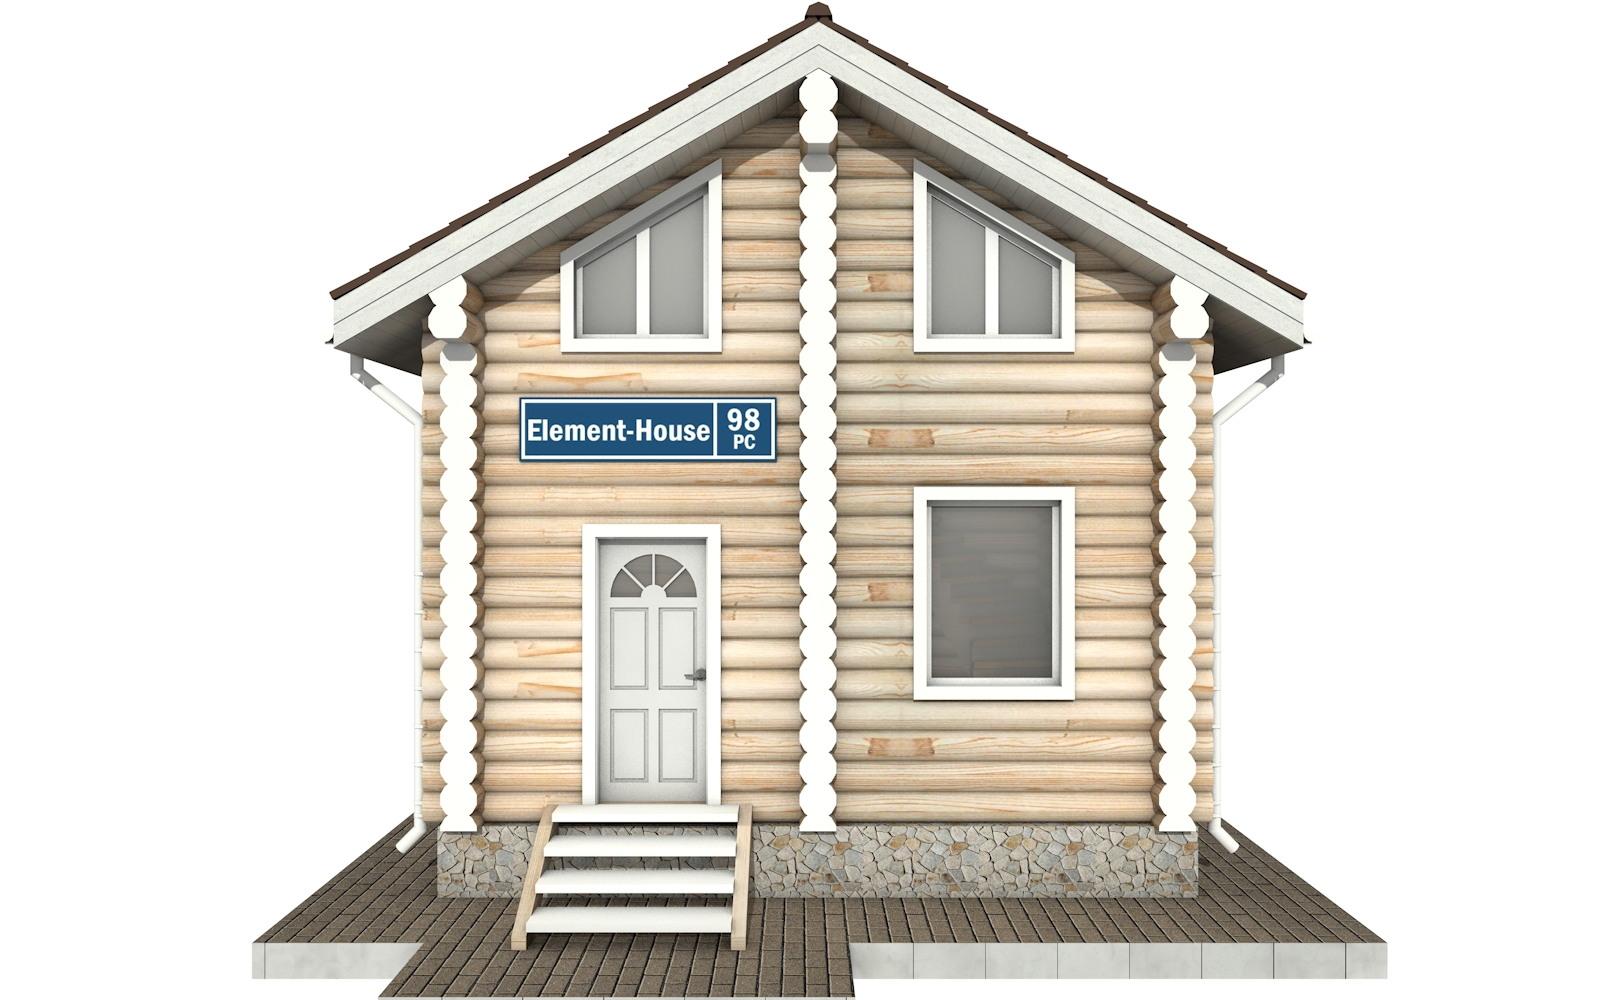 Фото #6: Красивый деревянный дом РС-98 из бревна